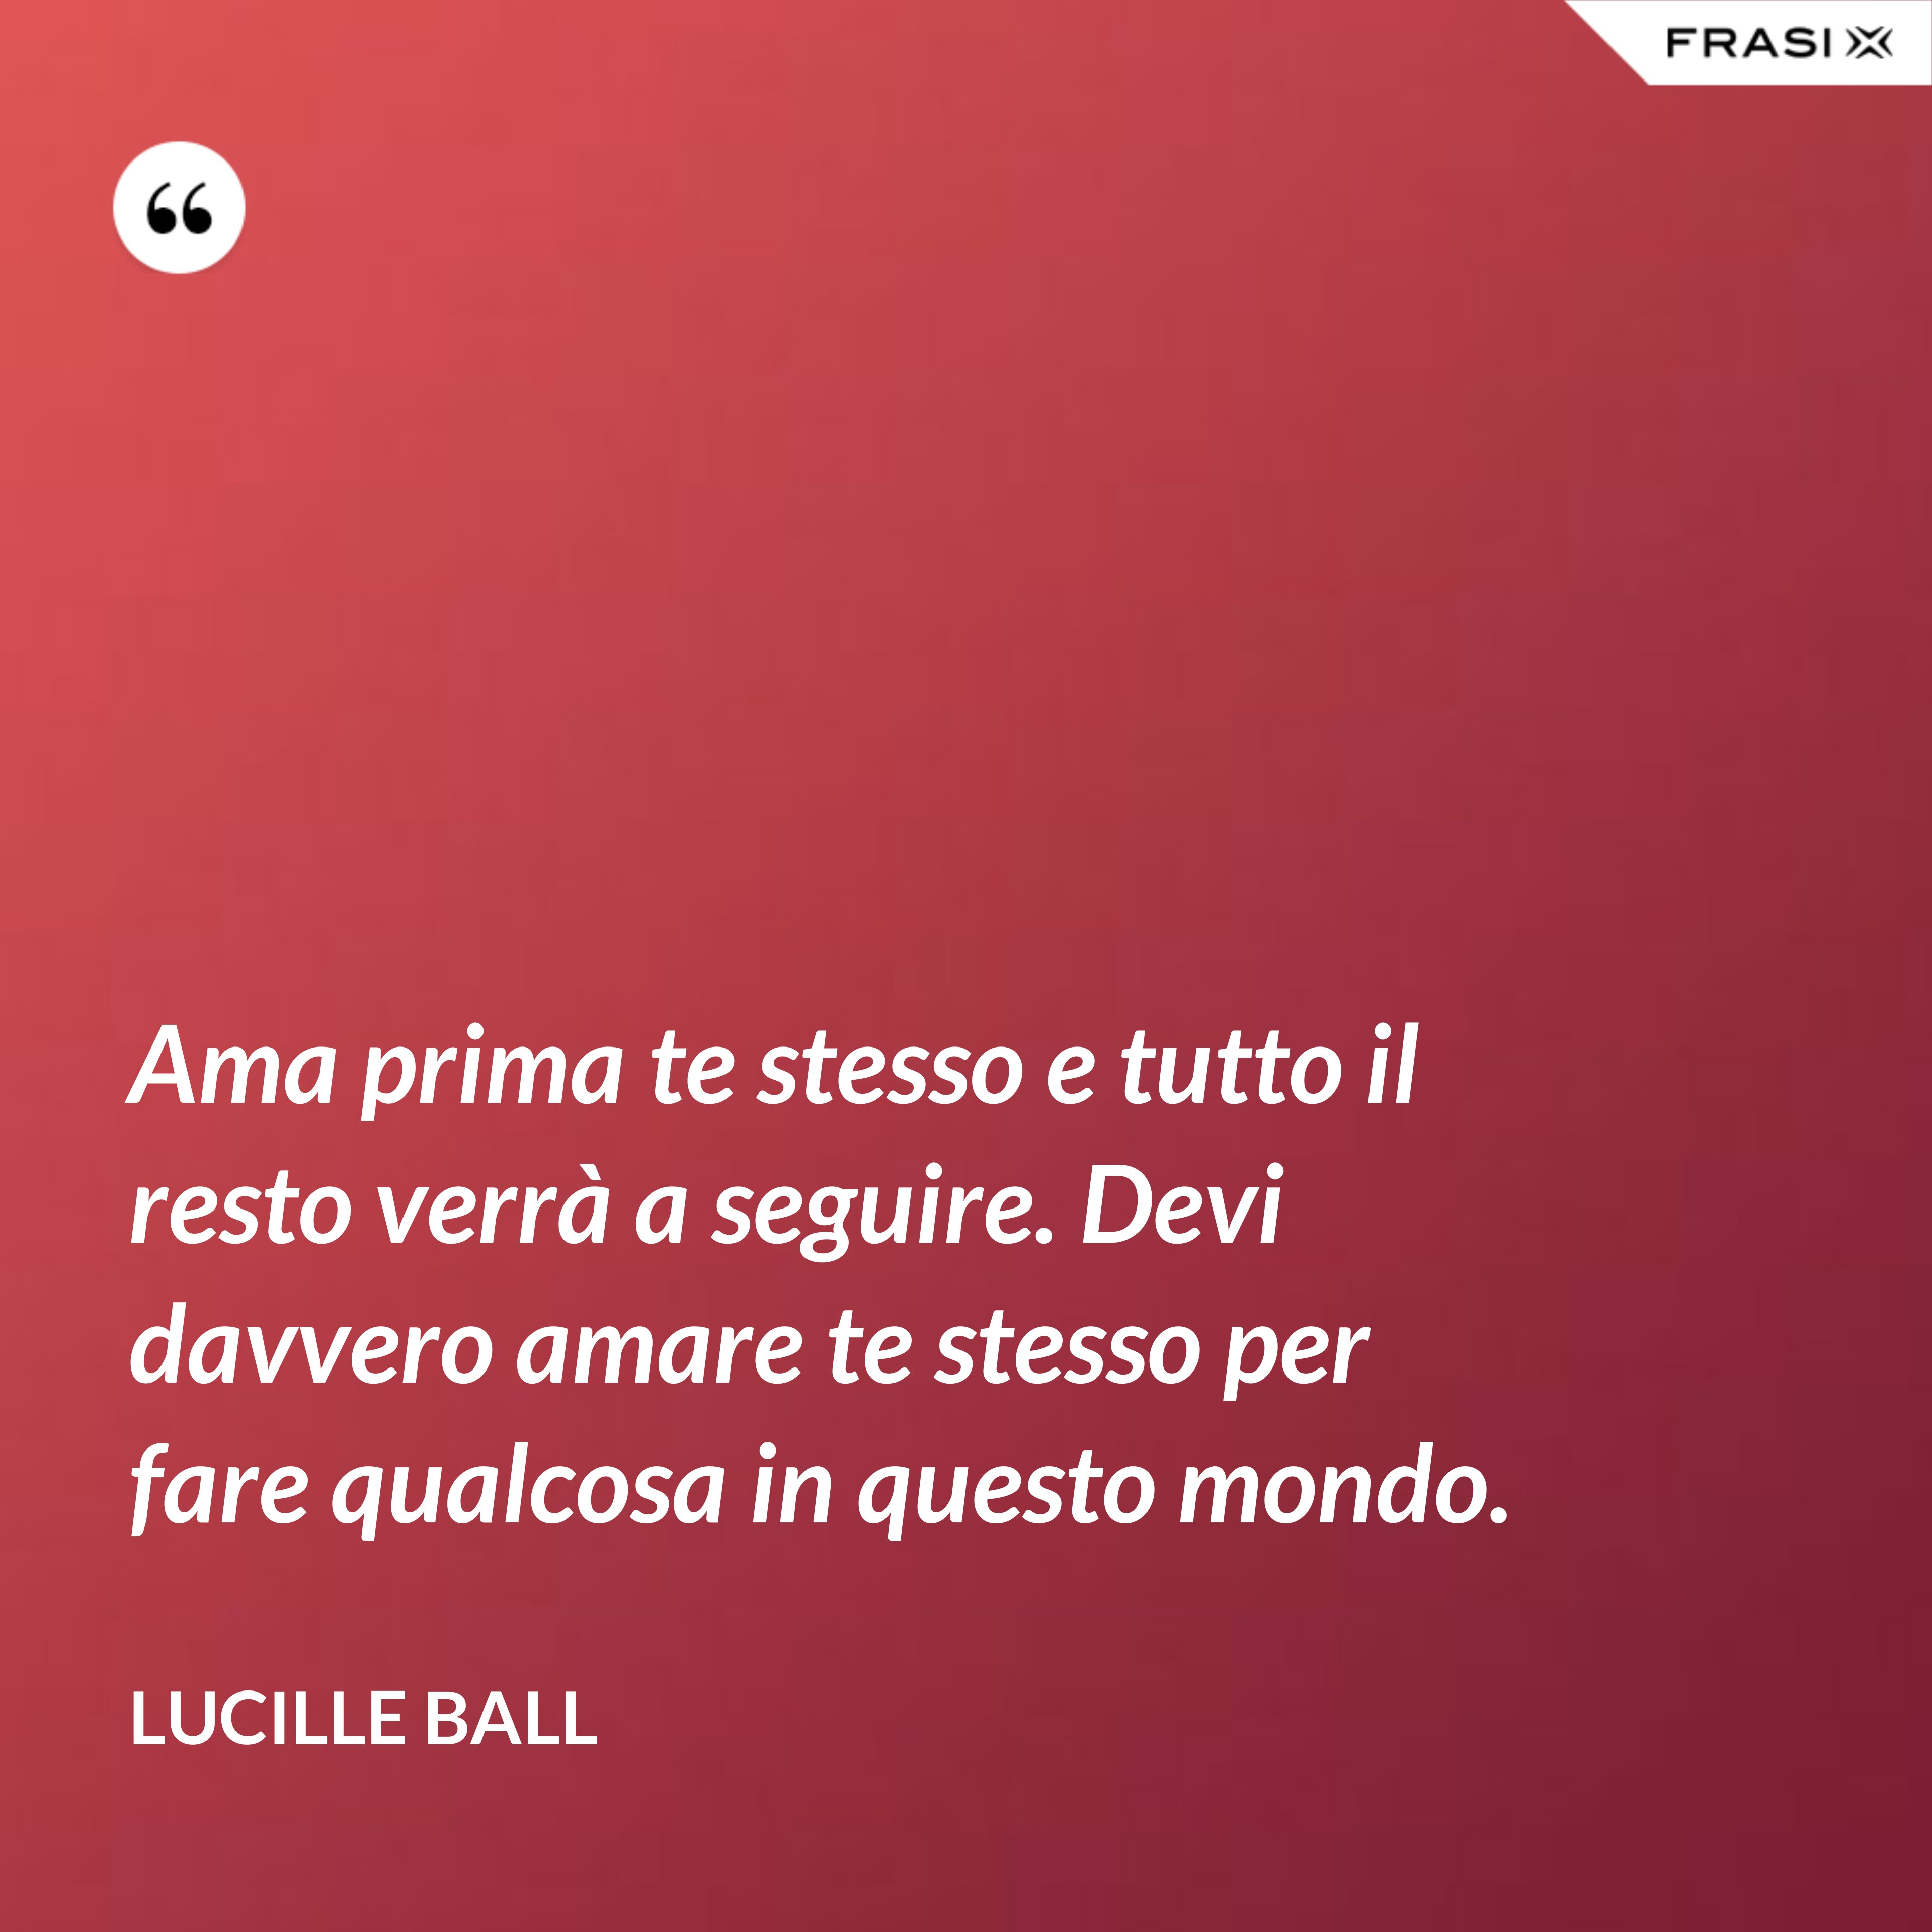 Ama prima te stesso e tutto il resto verrà a seguire. Devi davvero amare te stesso per fare qualcosa in questo mondo. - Lucille Ball